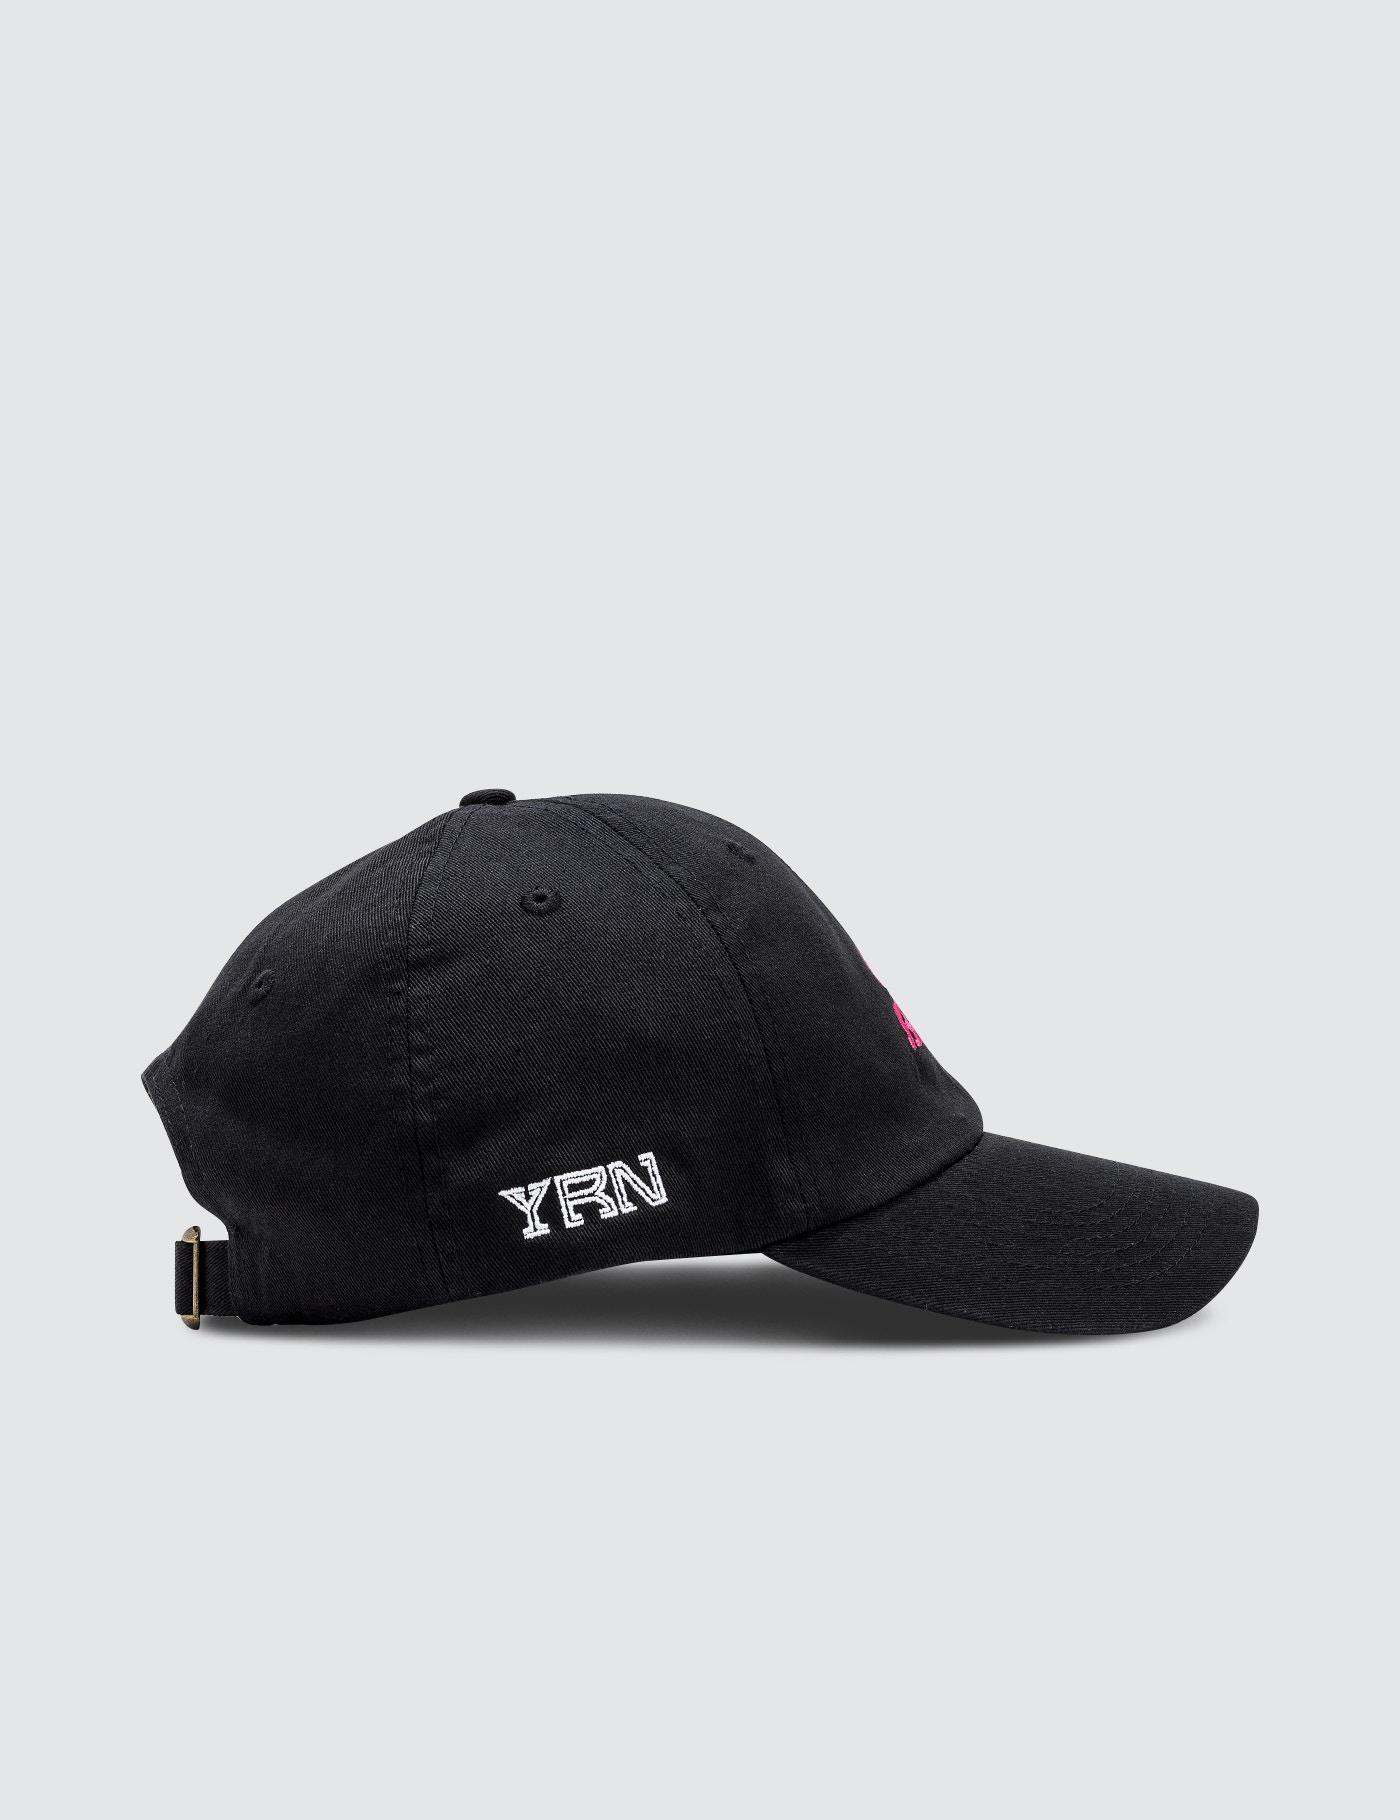 Lyst - YRN Culture Cap in Black for Men d631a73a13c0